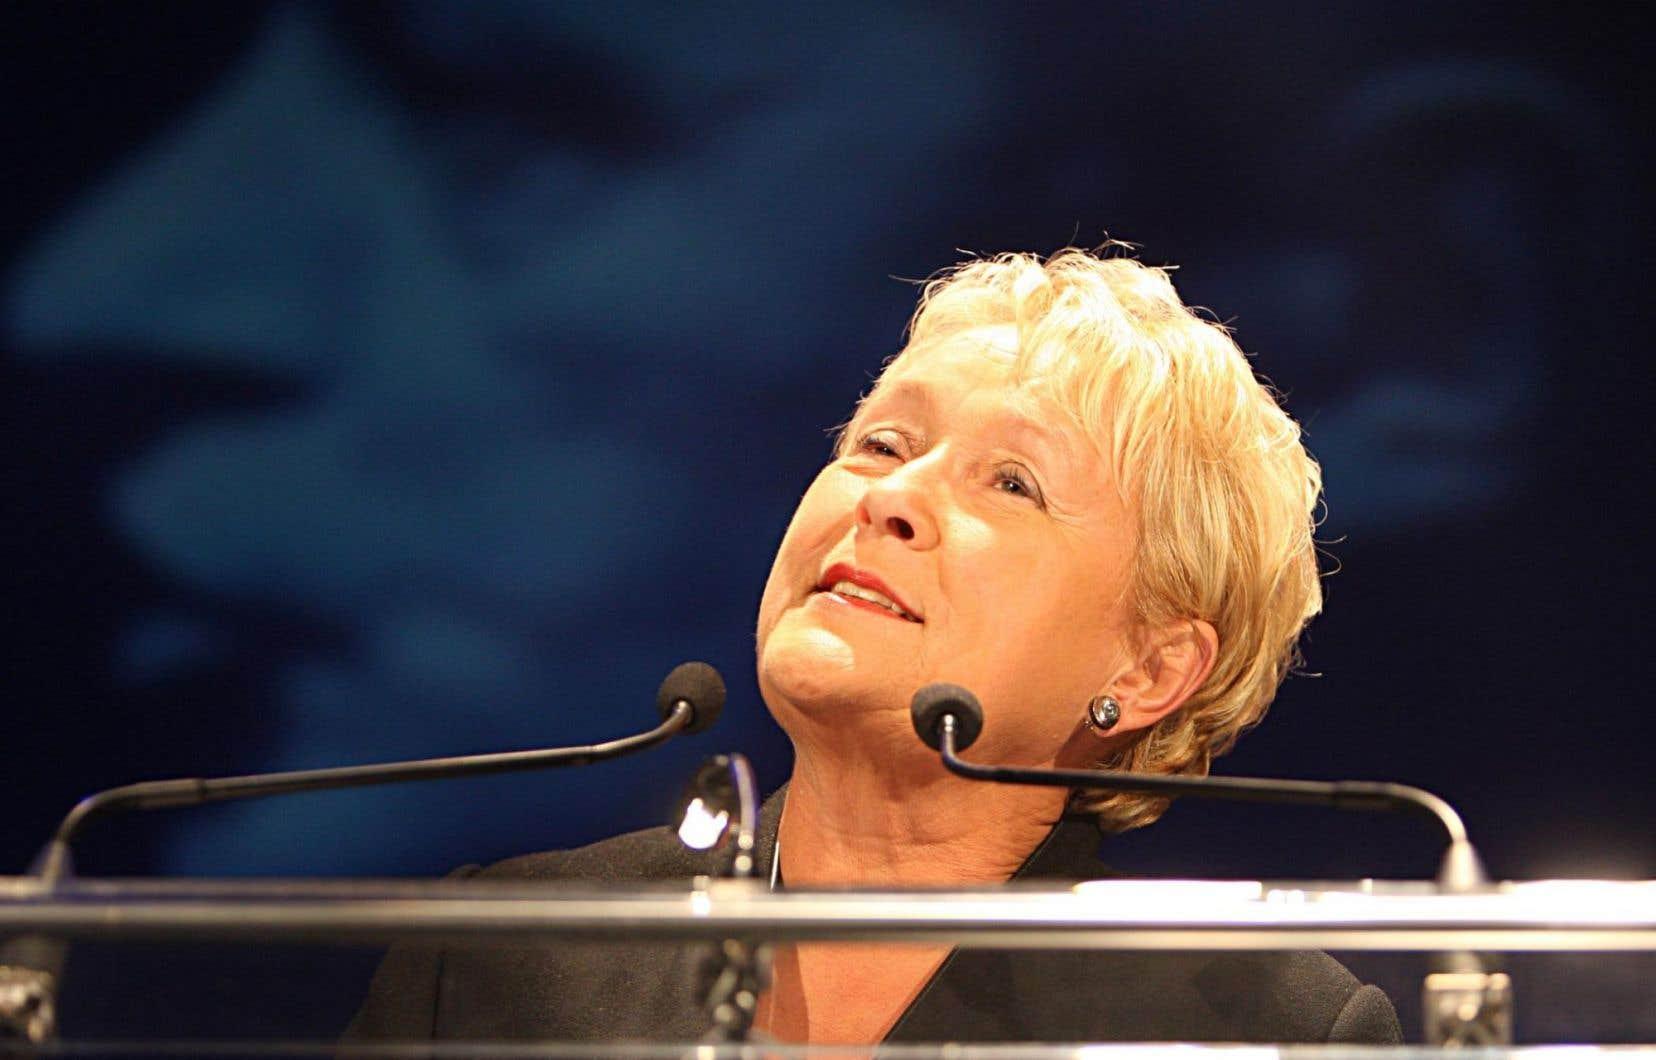 En 2007, les frais d'inscription avaient été fixés à 5000 $. Seule Pauline Marois s'était qualifiée.